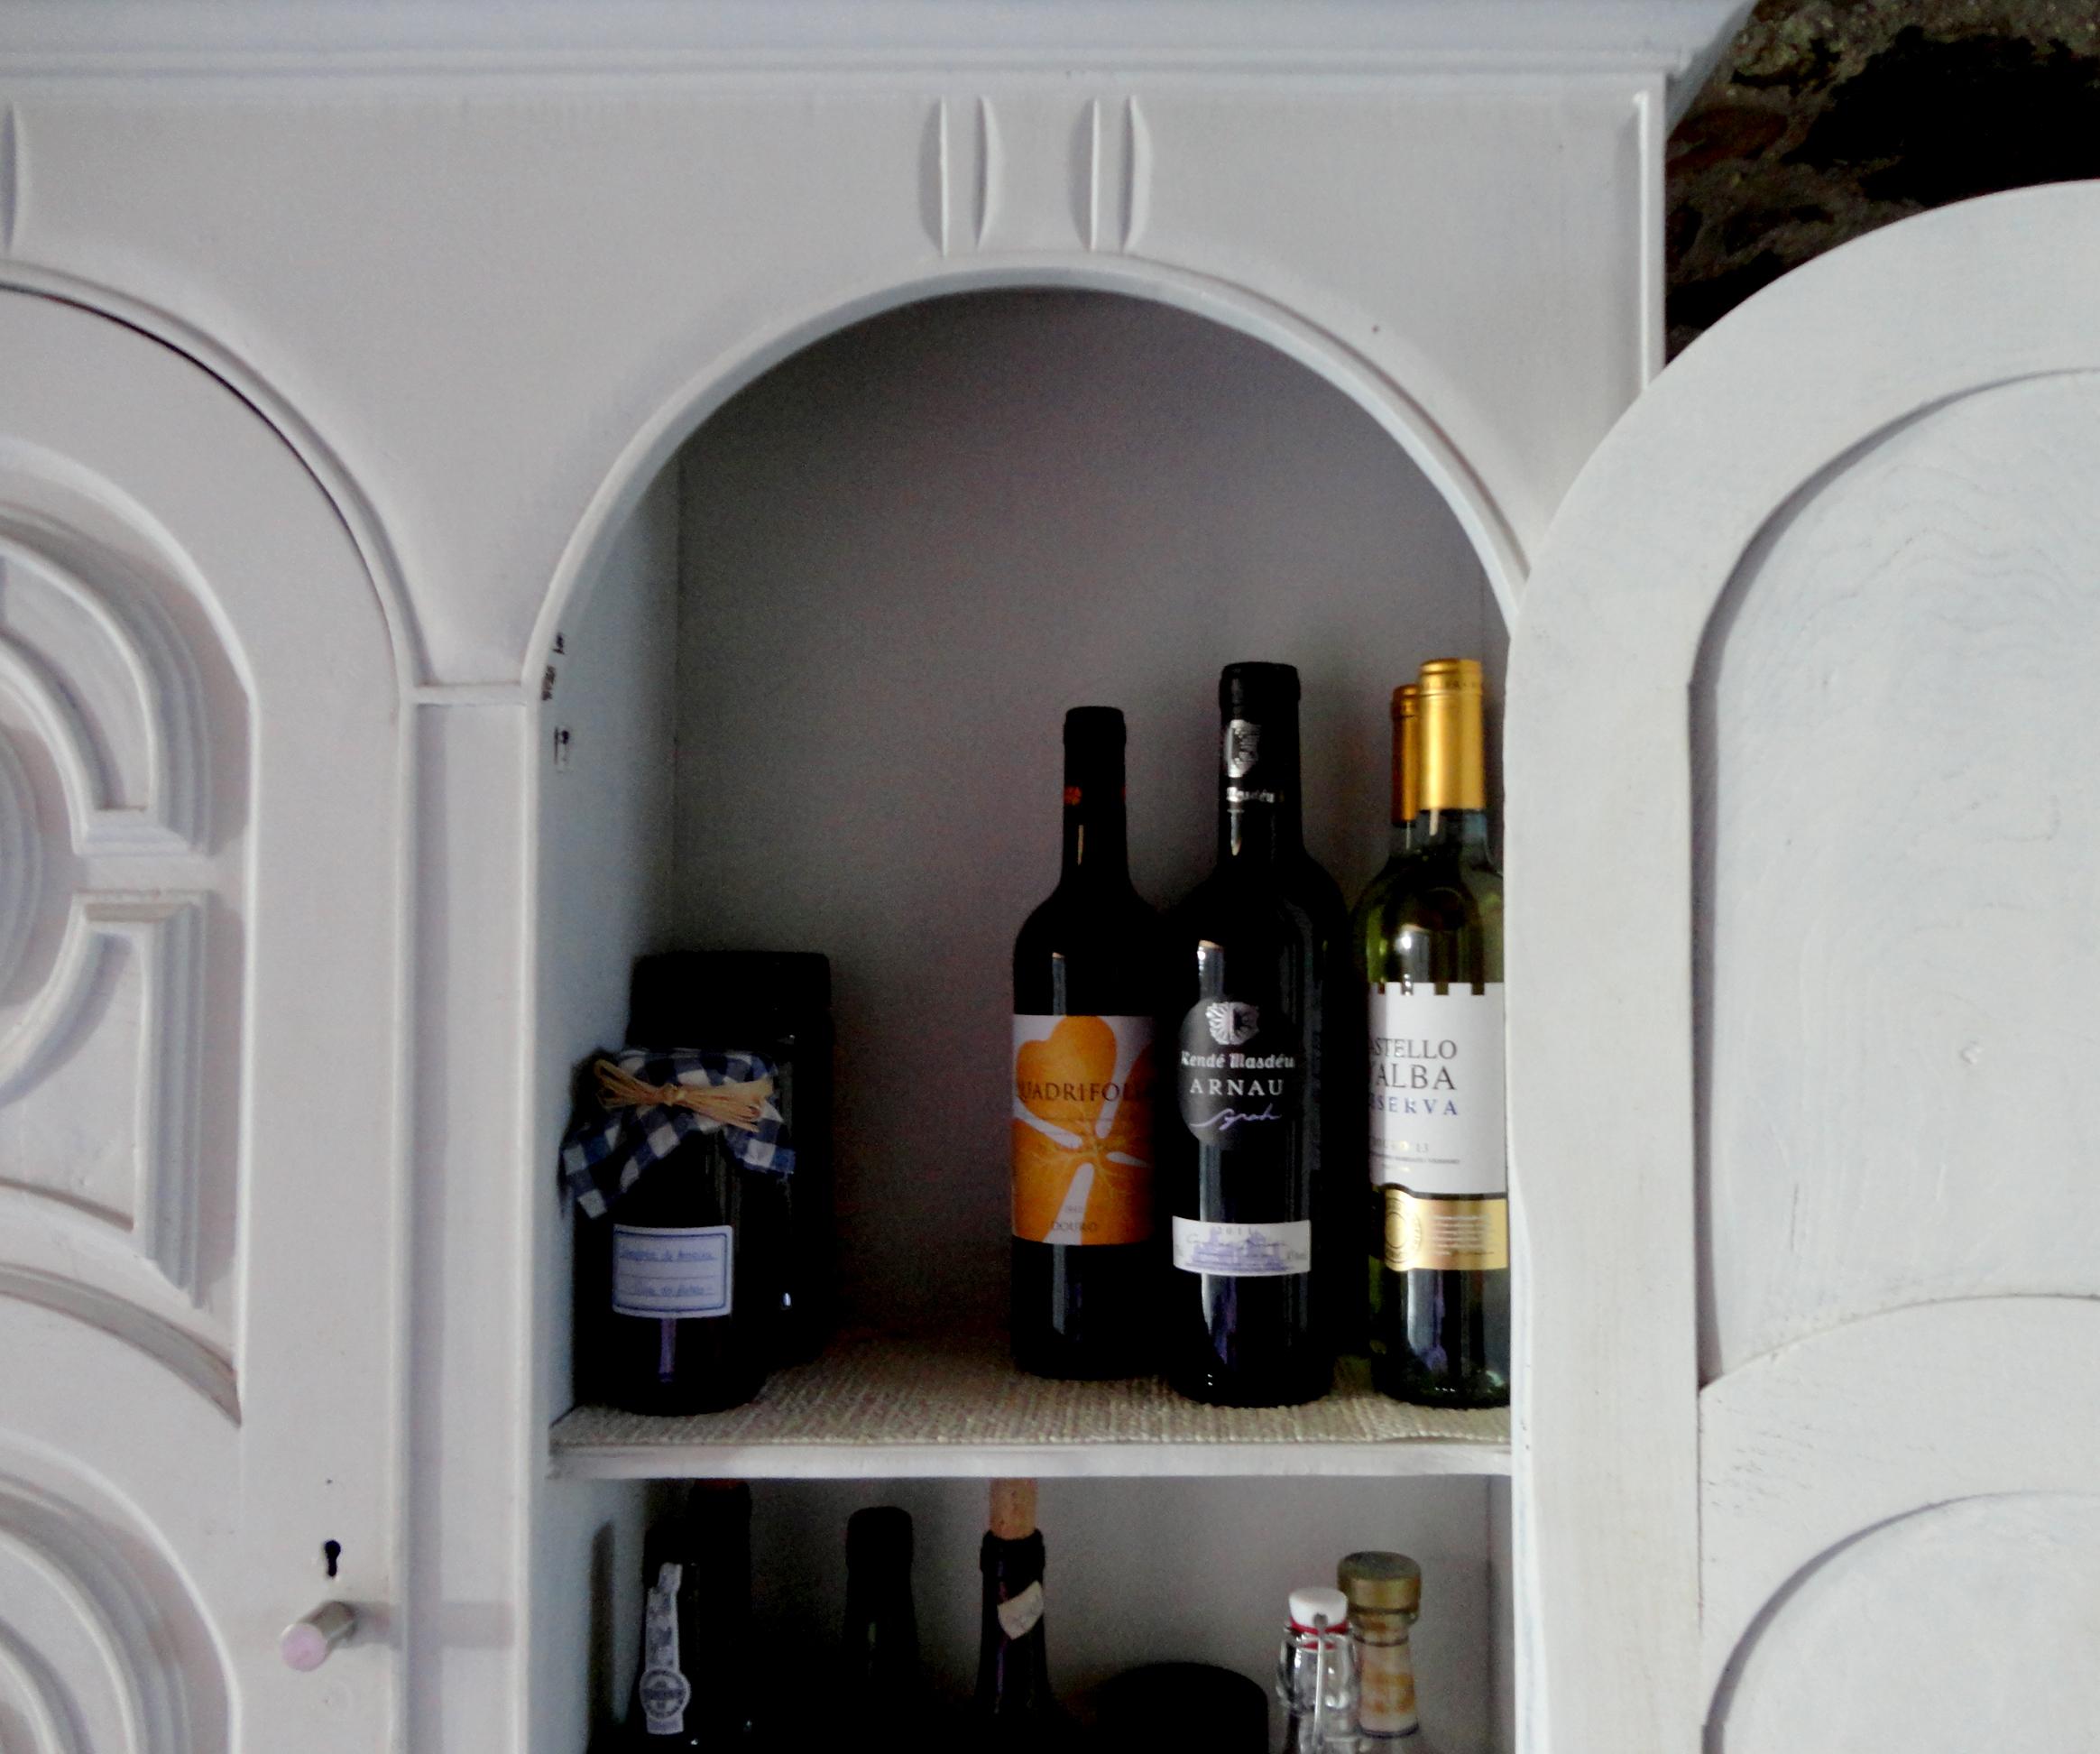 ... ou vinhos (escolha oficial).